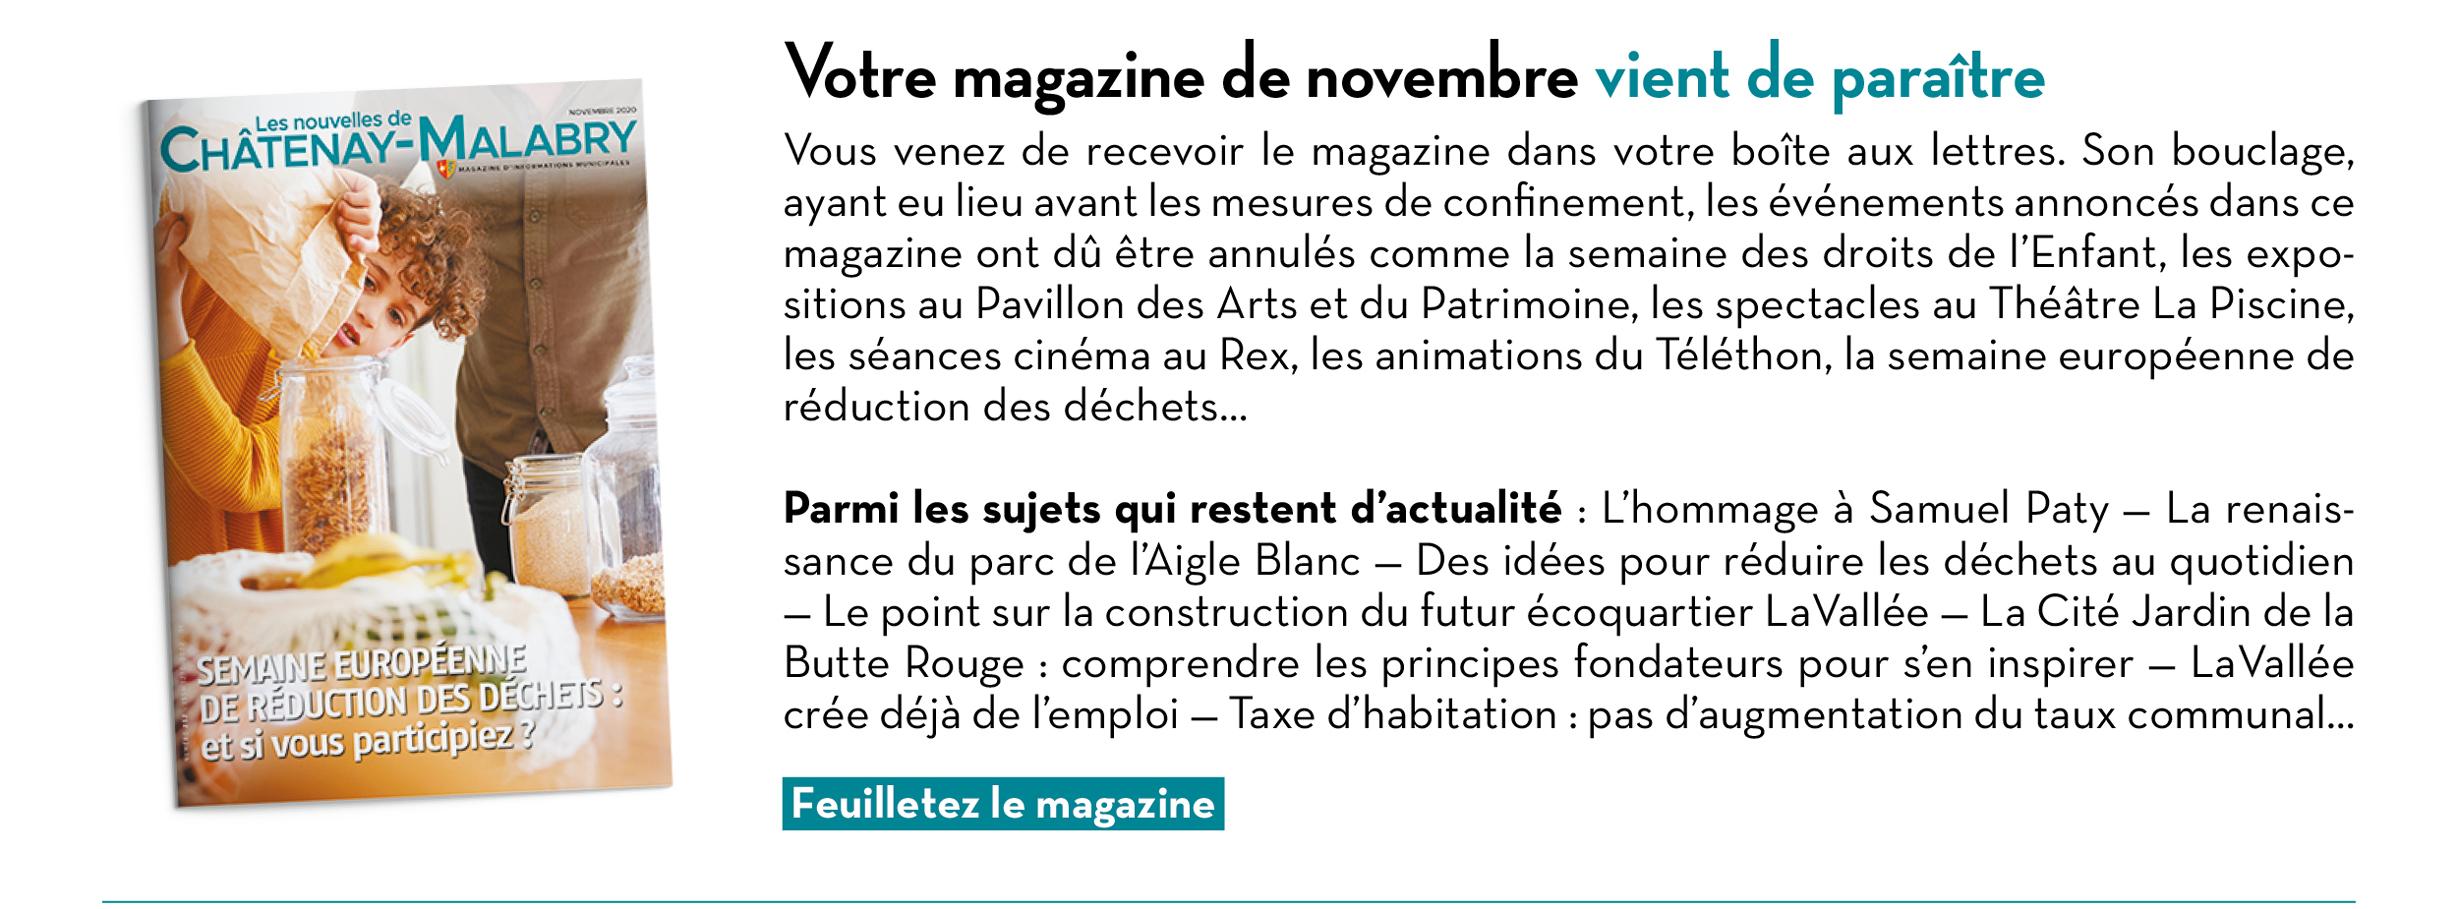 Votre magazine de novembre vient de paraître